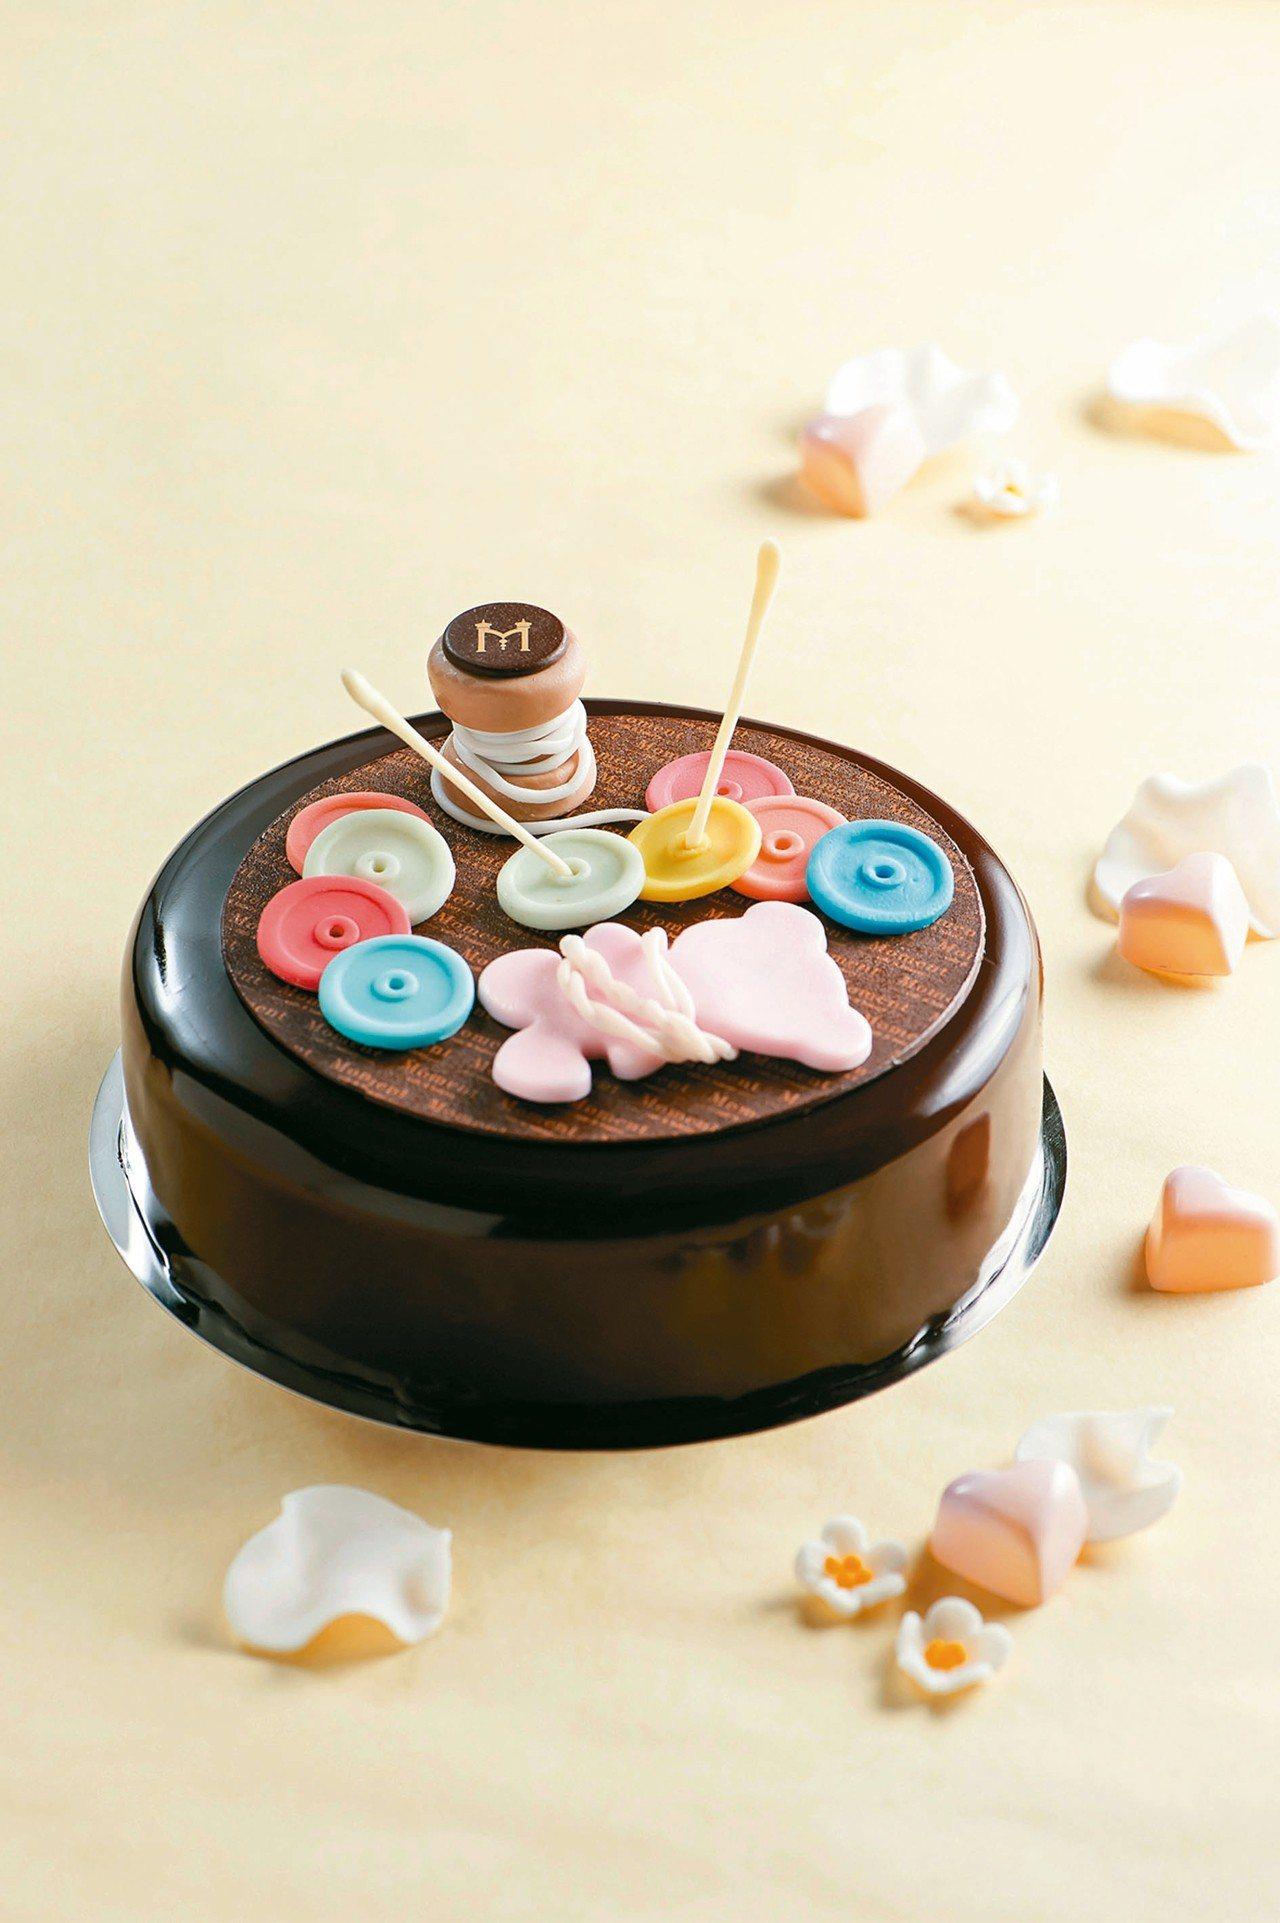 母親節蛋糕「心繫遊子」。 圖/台北美福大飯店提供